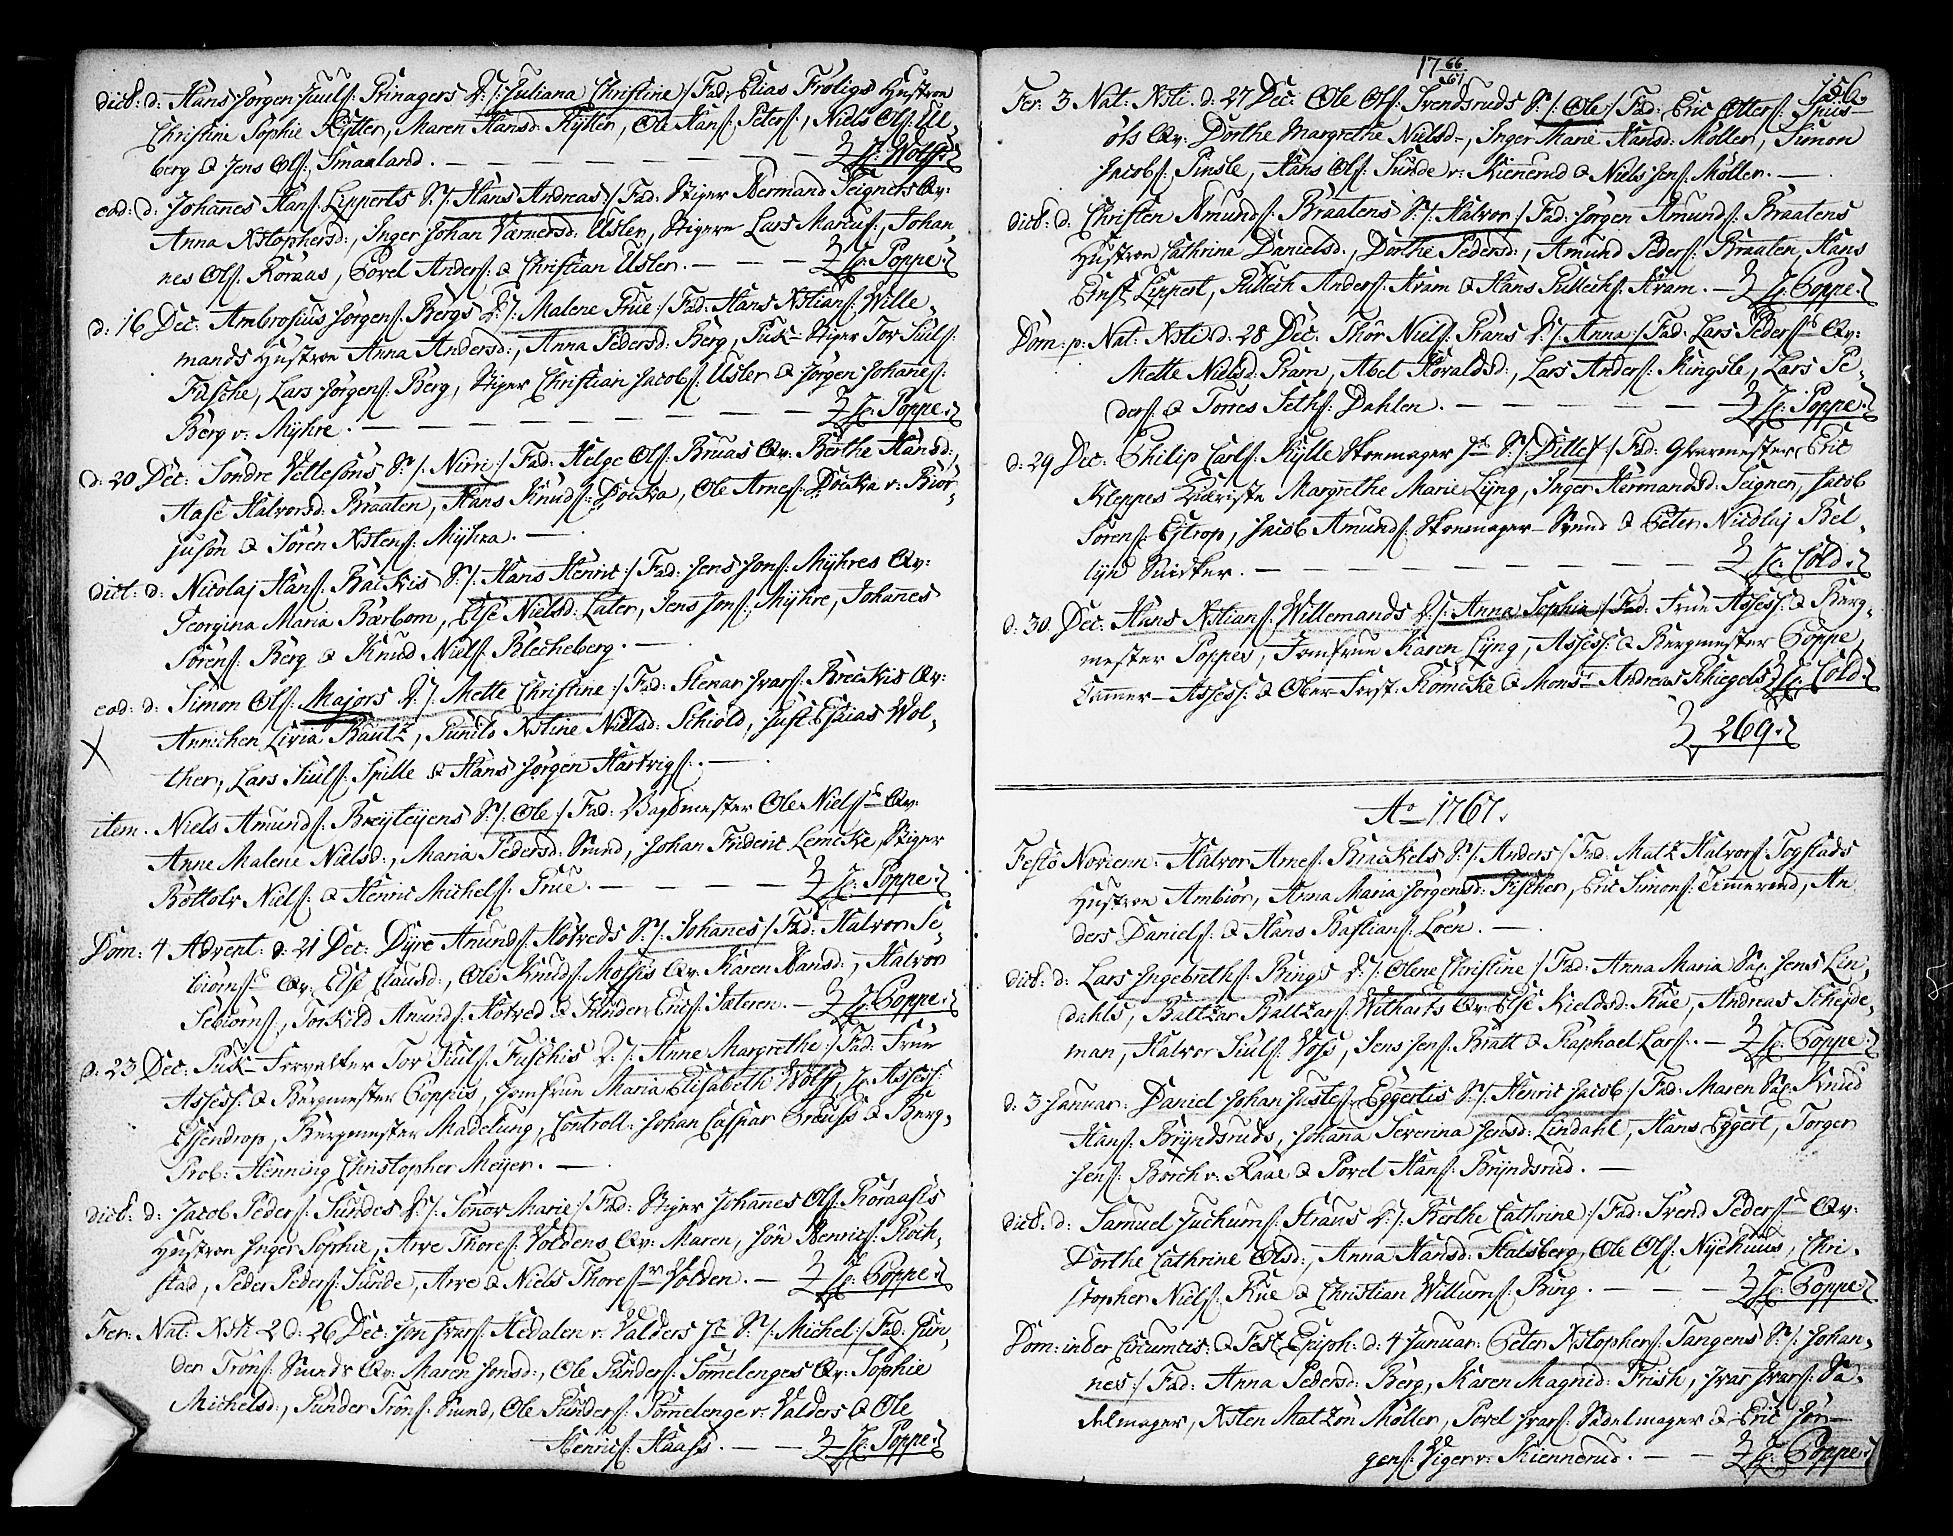 SAKO, Kongsberg kirkebøker, F/Fa/L0004: Ministerialbok nr. I 4, 1756-1768, s. 156